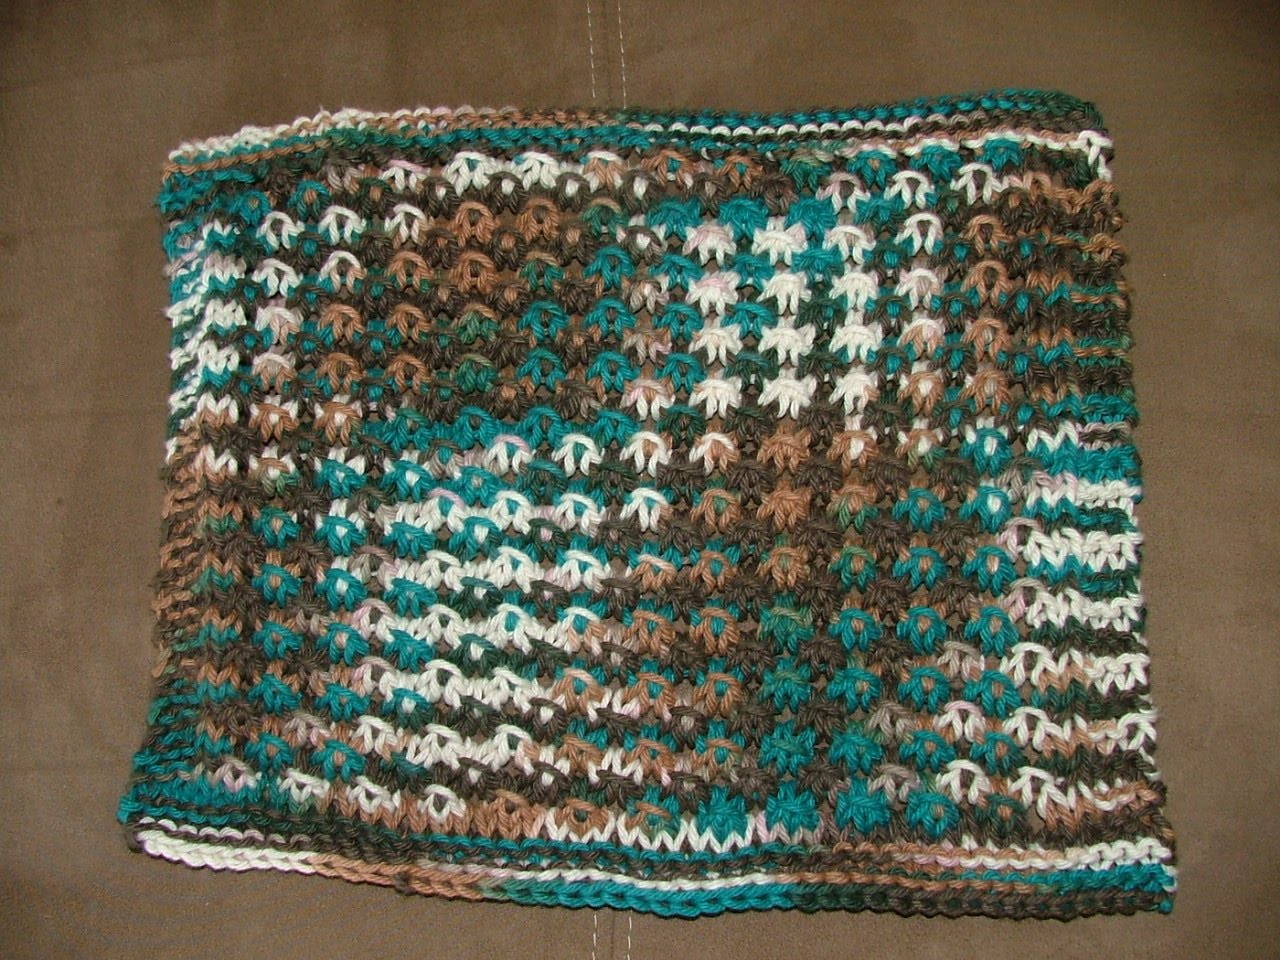 Mangia e statti zitto star or openweave dishcloth pattern star or openweave dishcloth pattern bankloansurffo Images